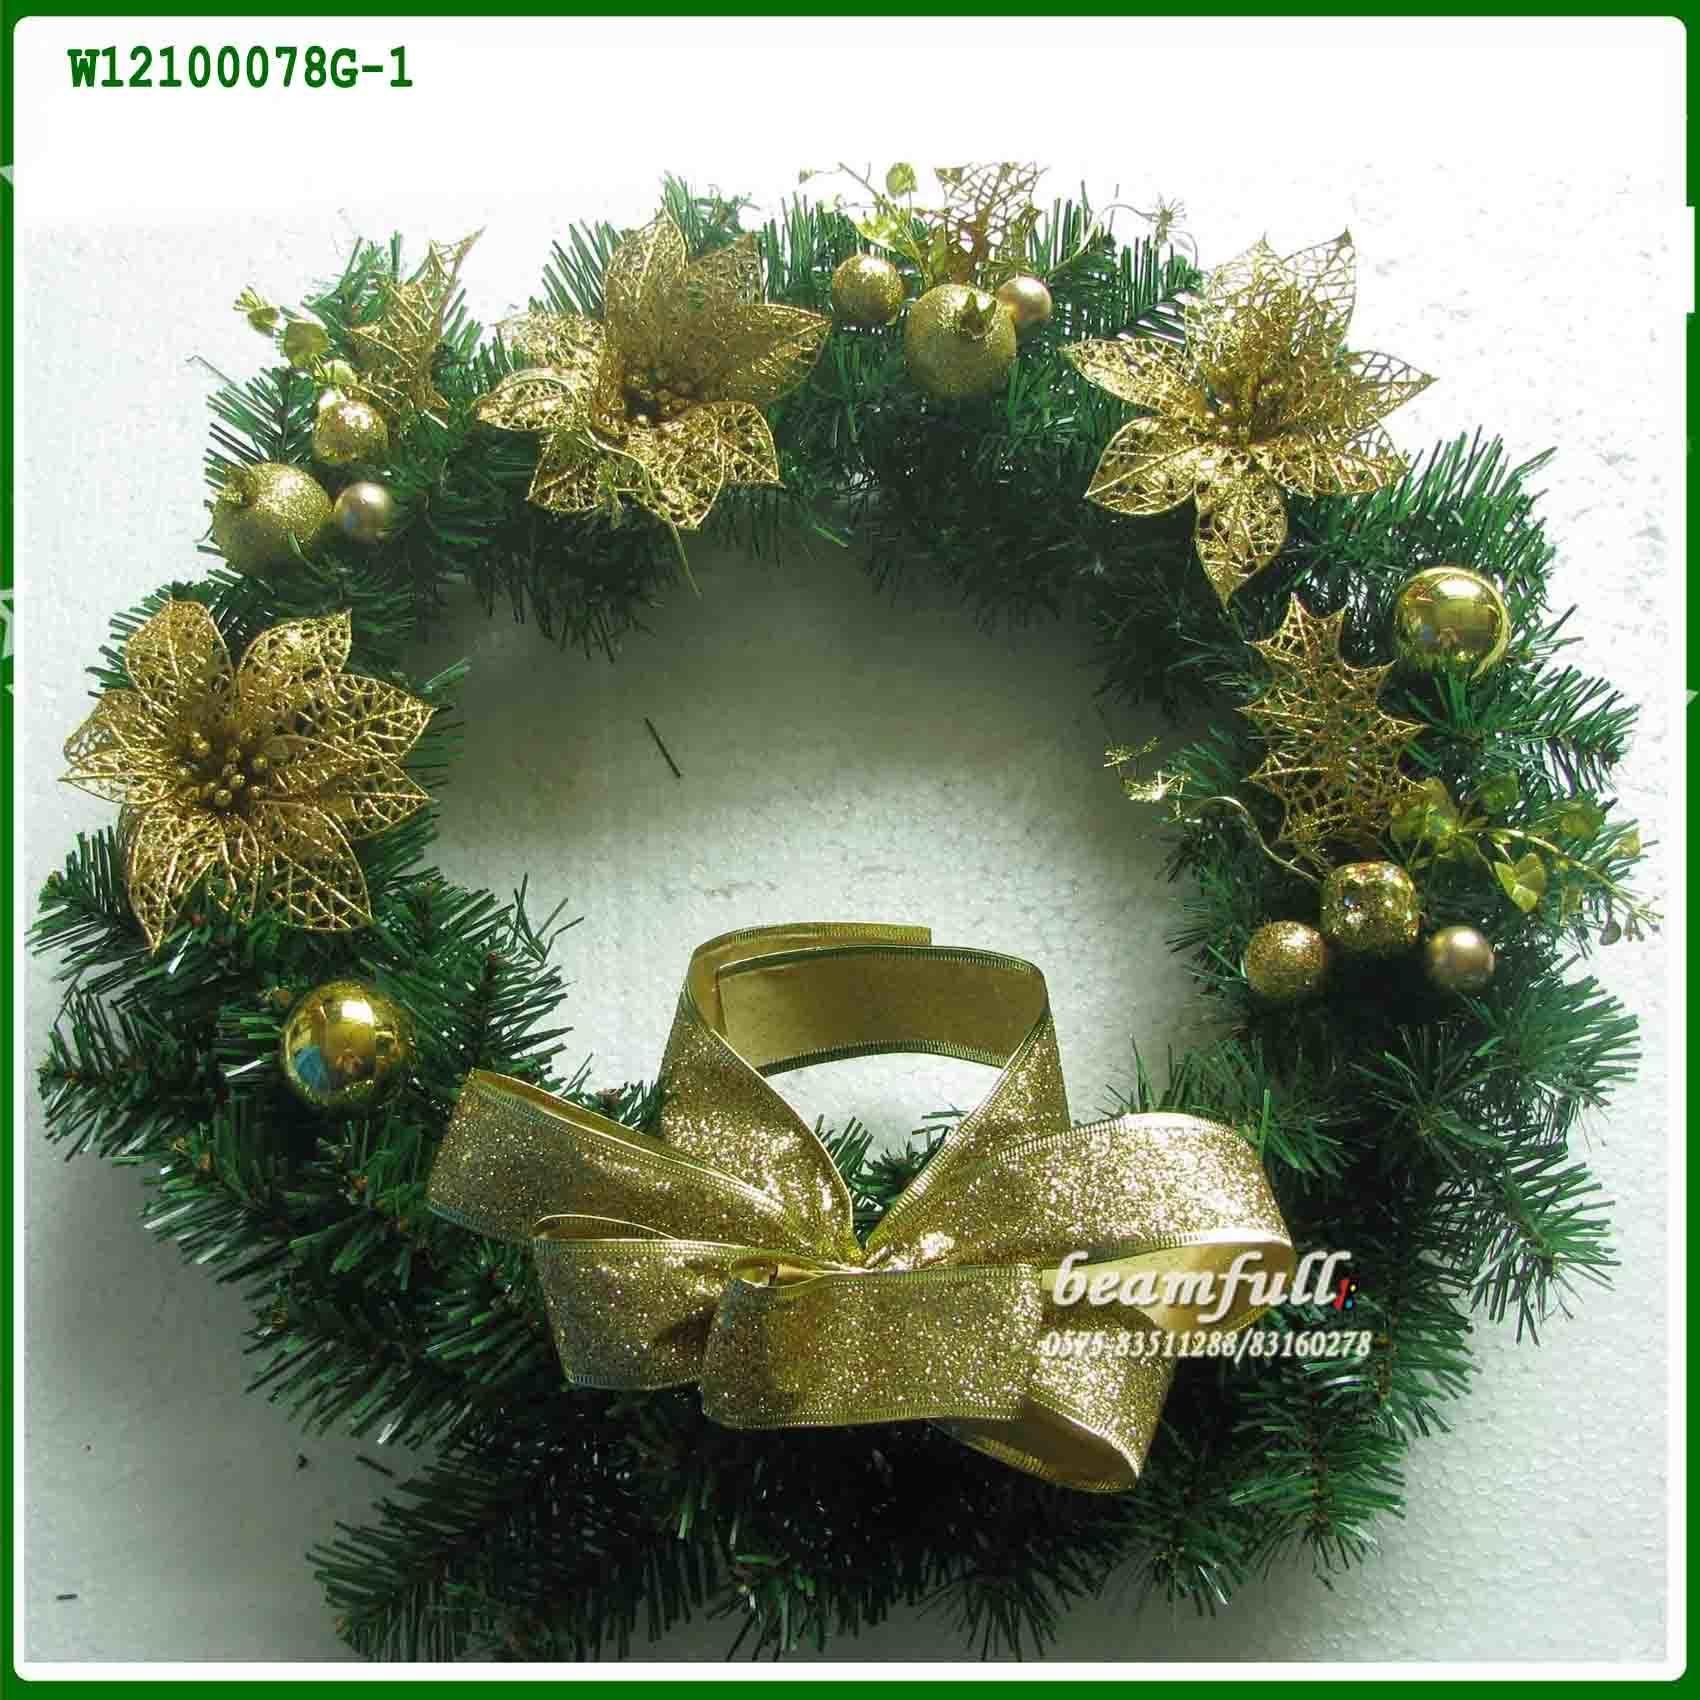 Glanzend de grote decoratie van de bal van de kroon van kerstmis bowknot glanzend de grote - Decoratie van de kamers van de meiden ...